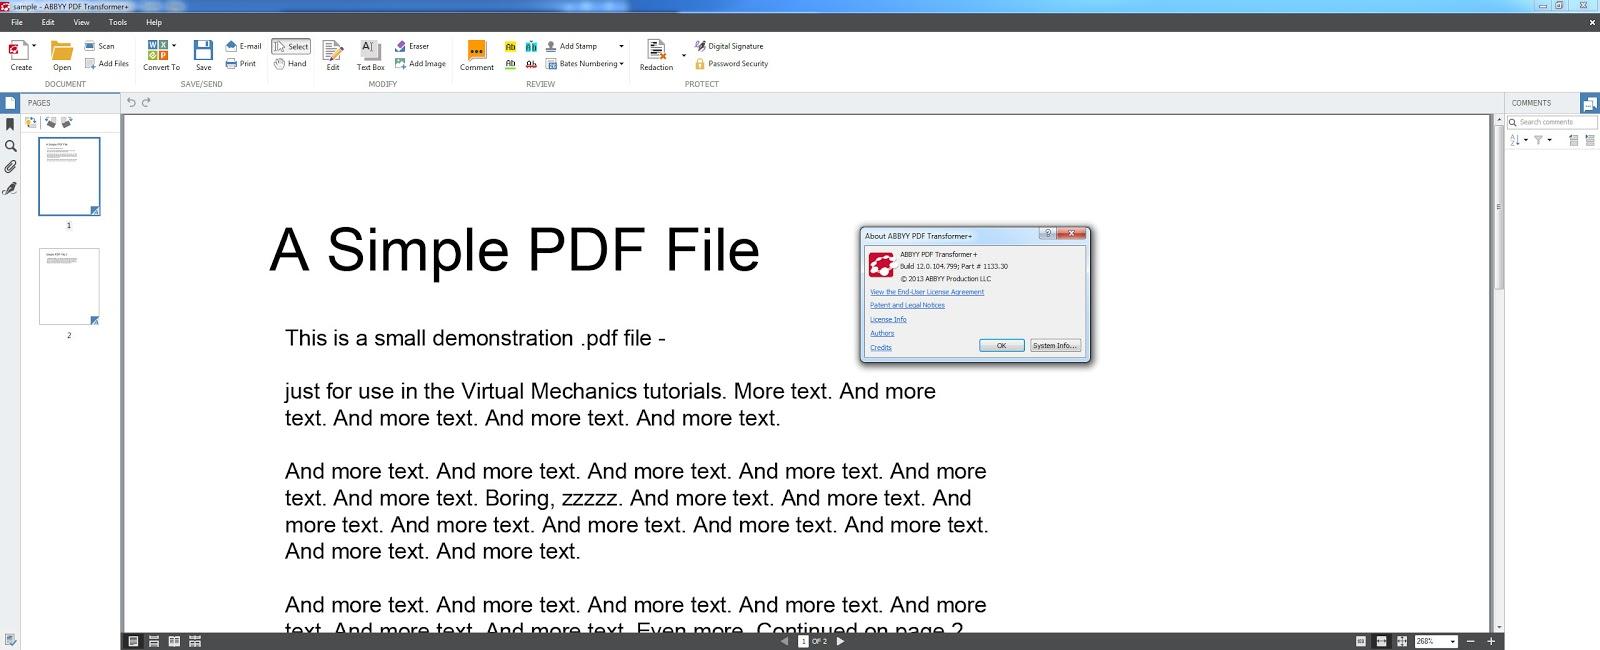 ABBYY PDF Transformer+ v12.0.104.799 Full version